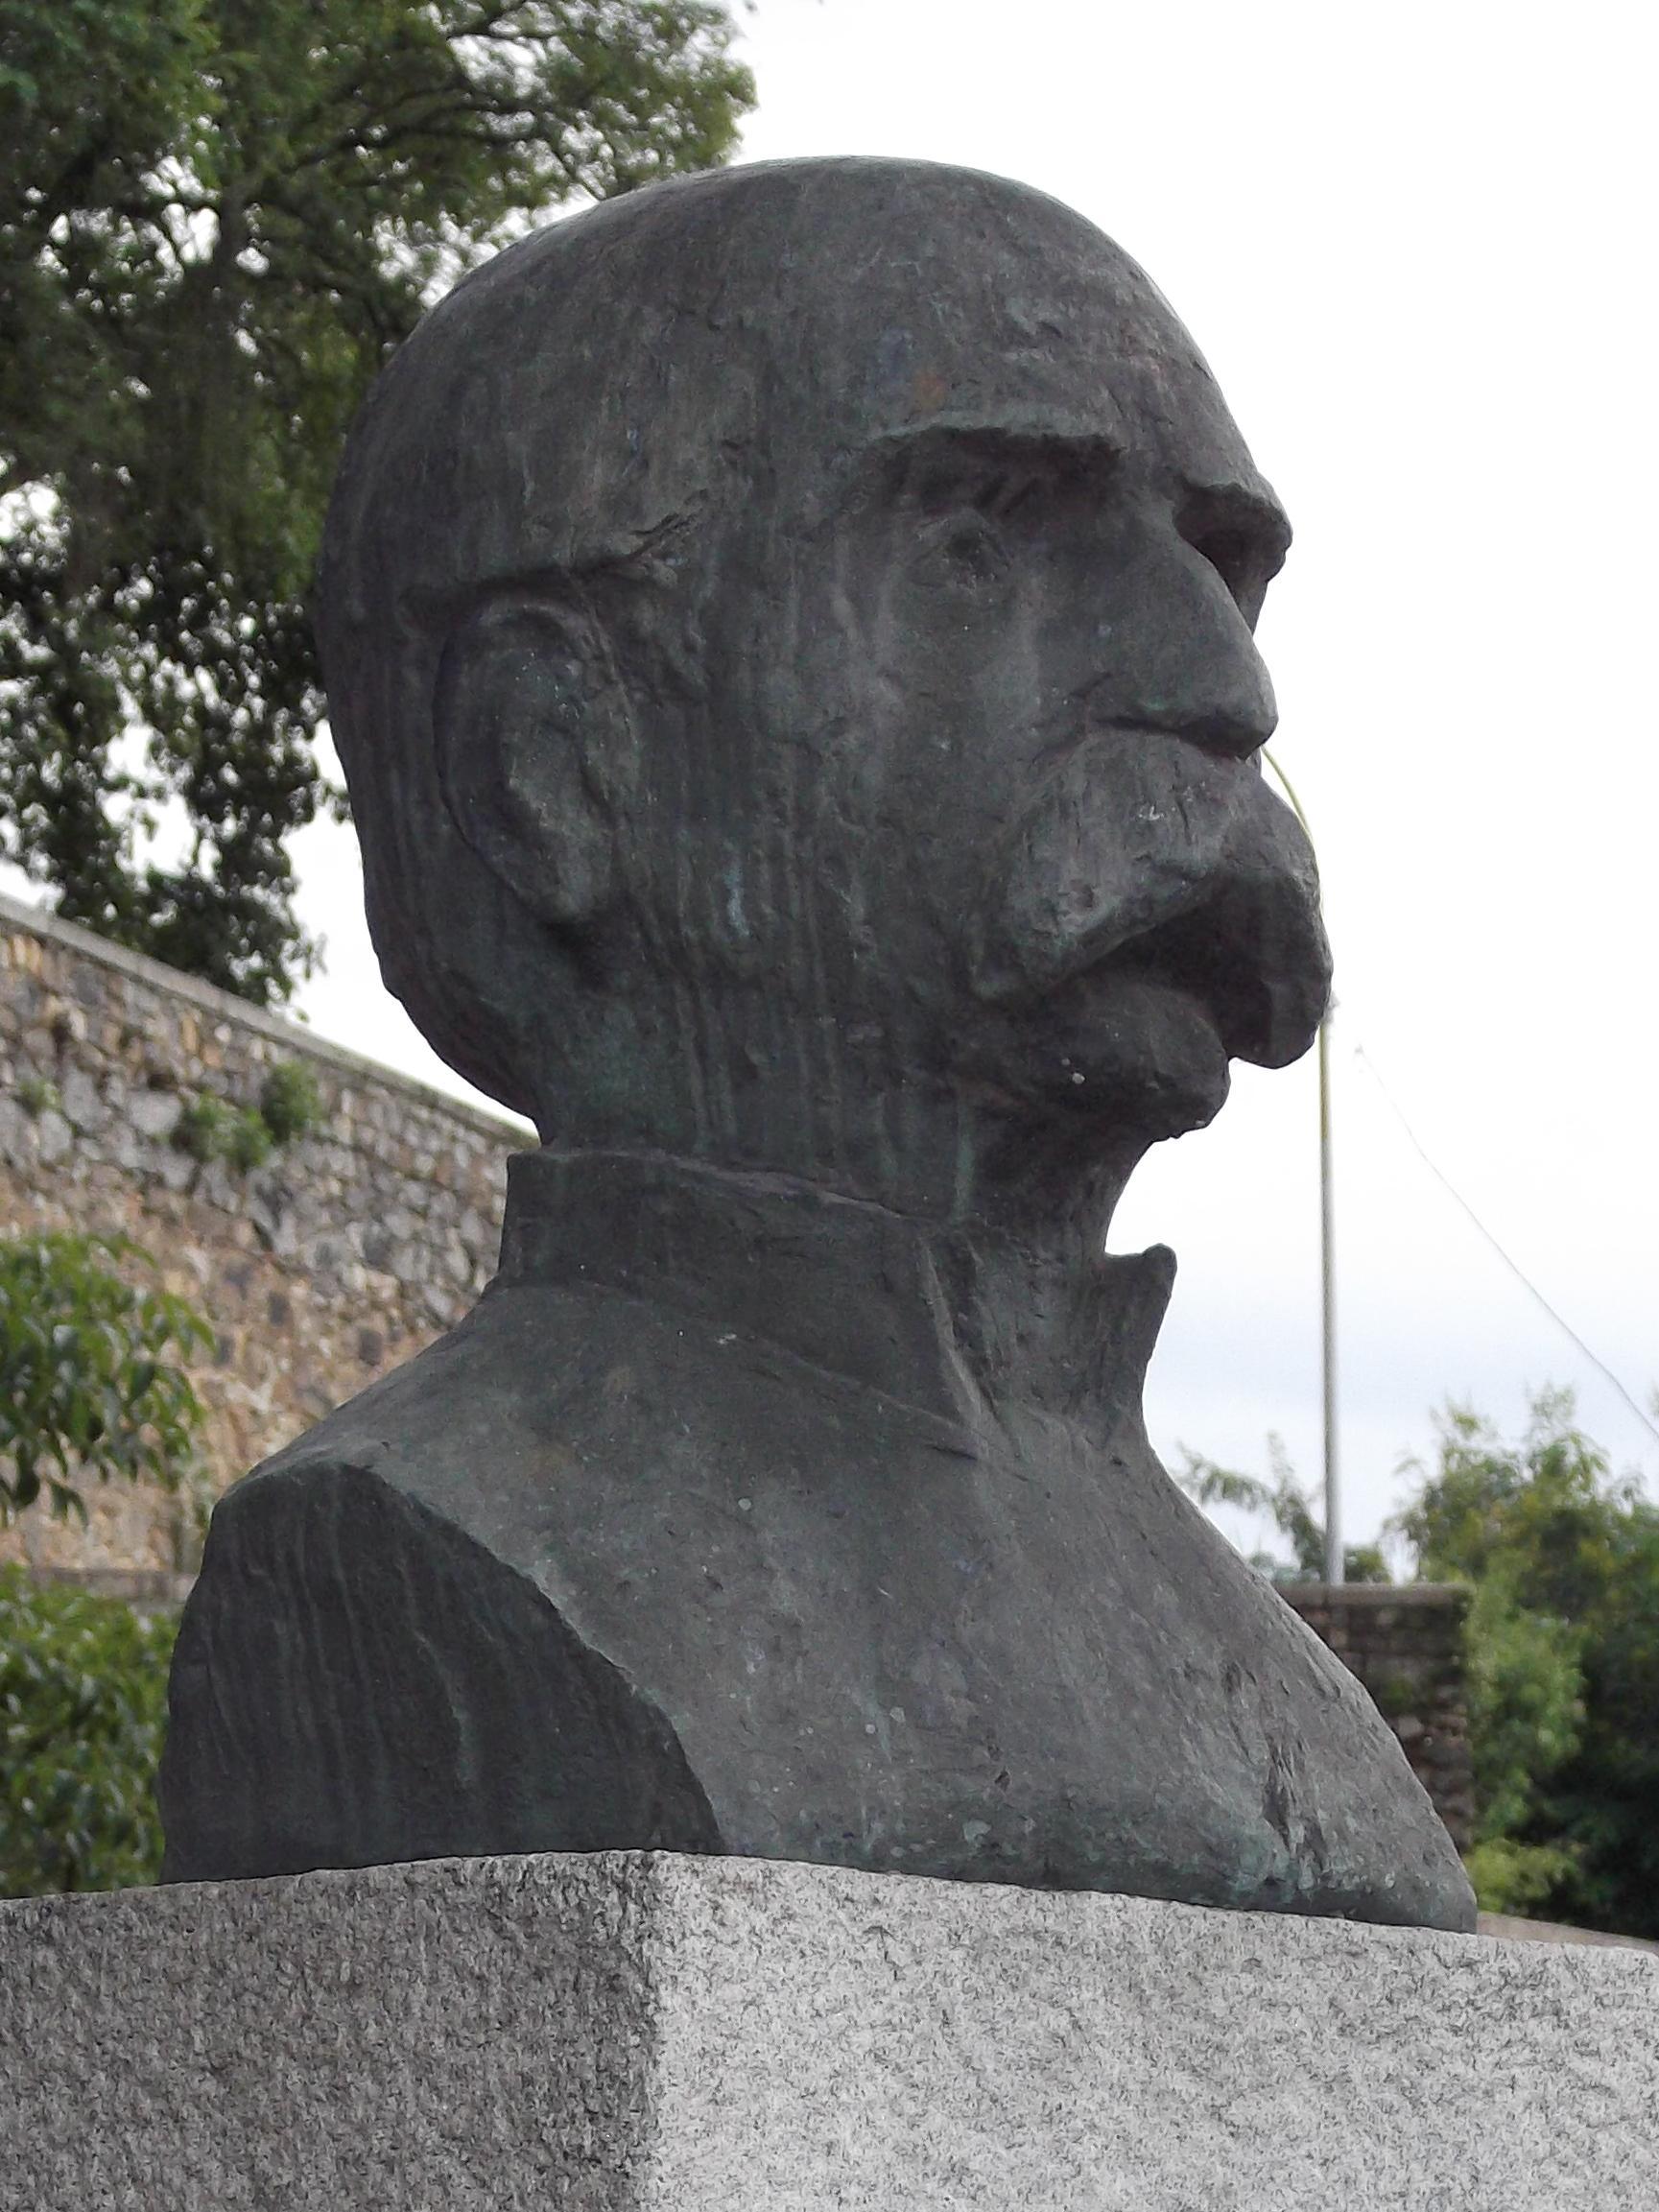 Veja o que saiu no Migalhas sobre Raimundo Teixeira Mendes